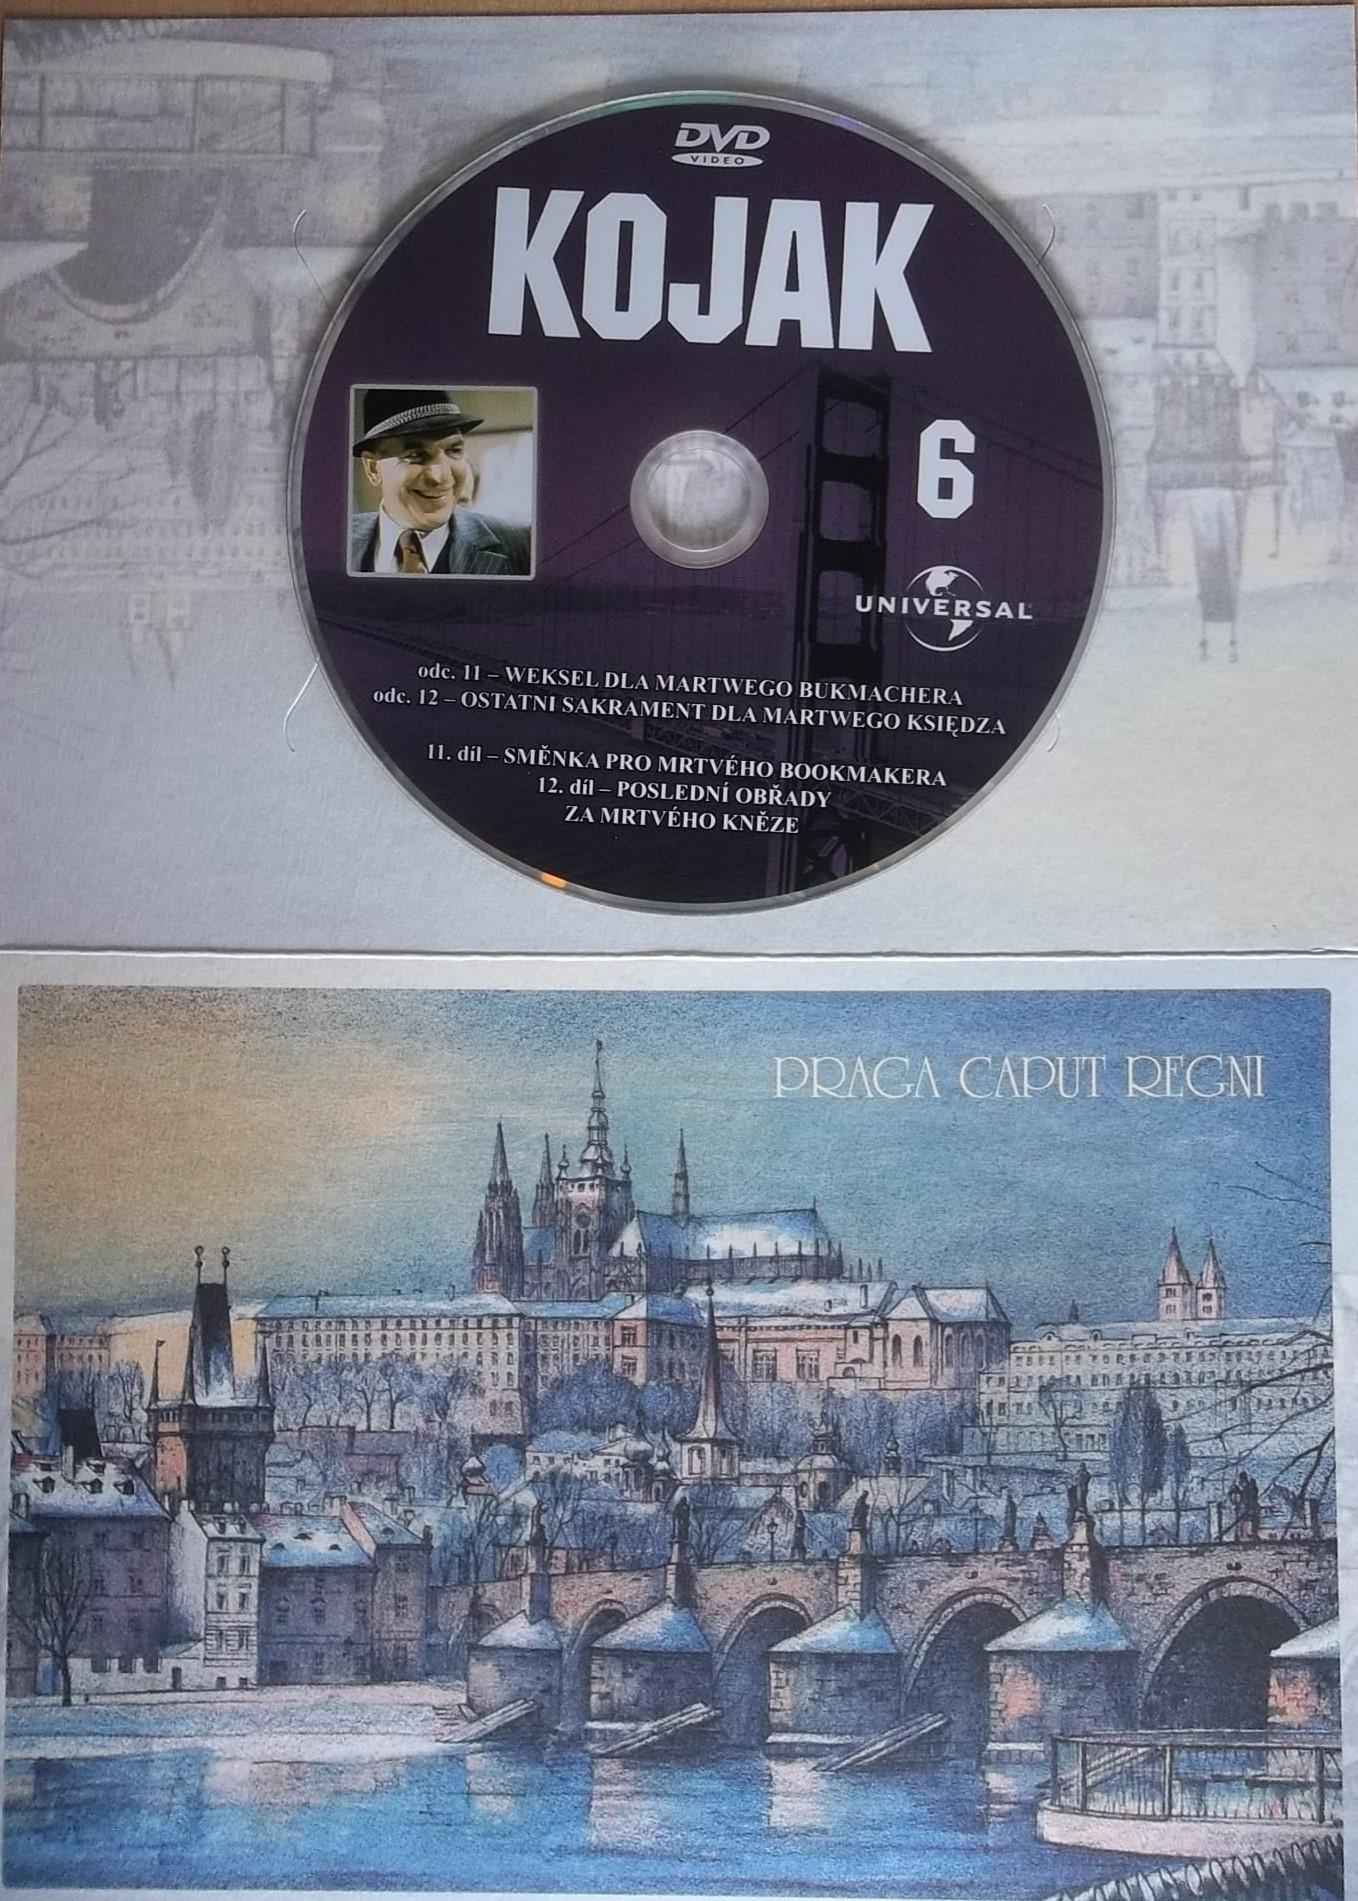 Kojak 6 (dárková obálka) DVD